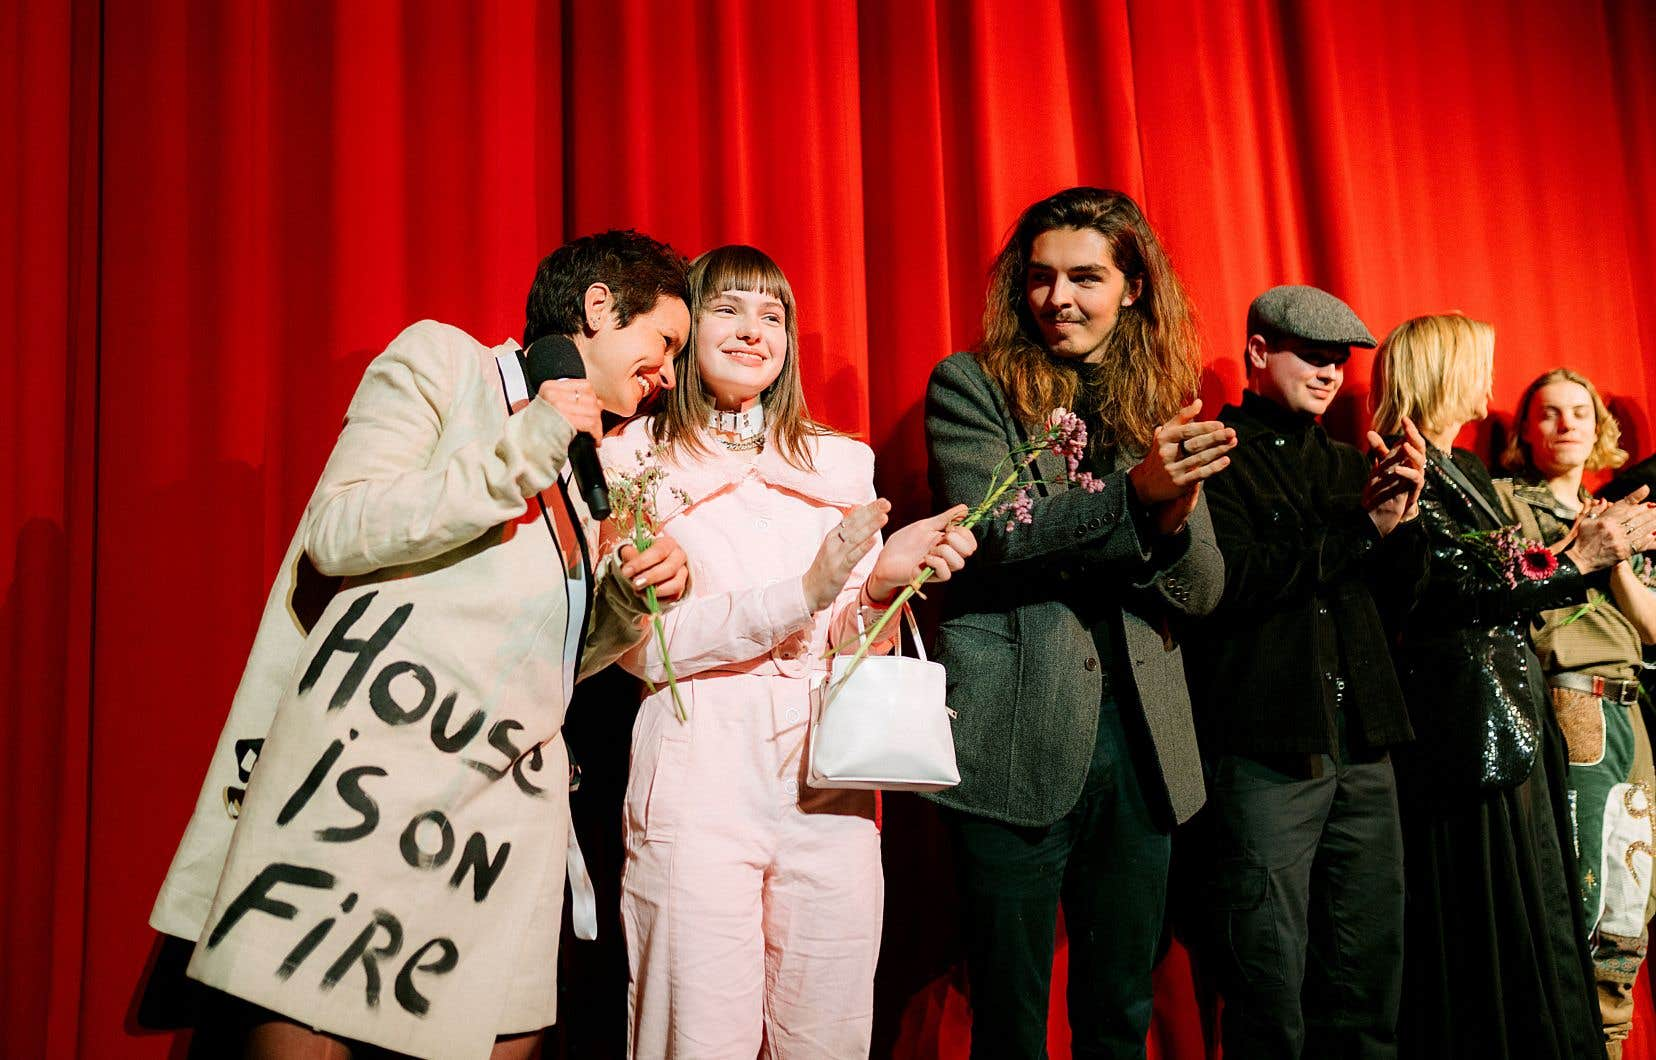 Les artisans du film «La déesse des mouches à feu» d'Anaïs Barbeau-Lavalette (à gauche) sont montés sur la scène du cinéma Urbania, à Berlin, après la projection du long métrage samedi soir.